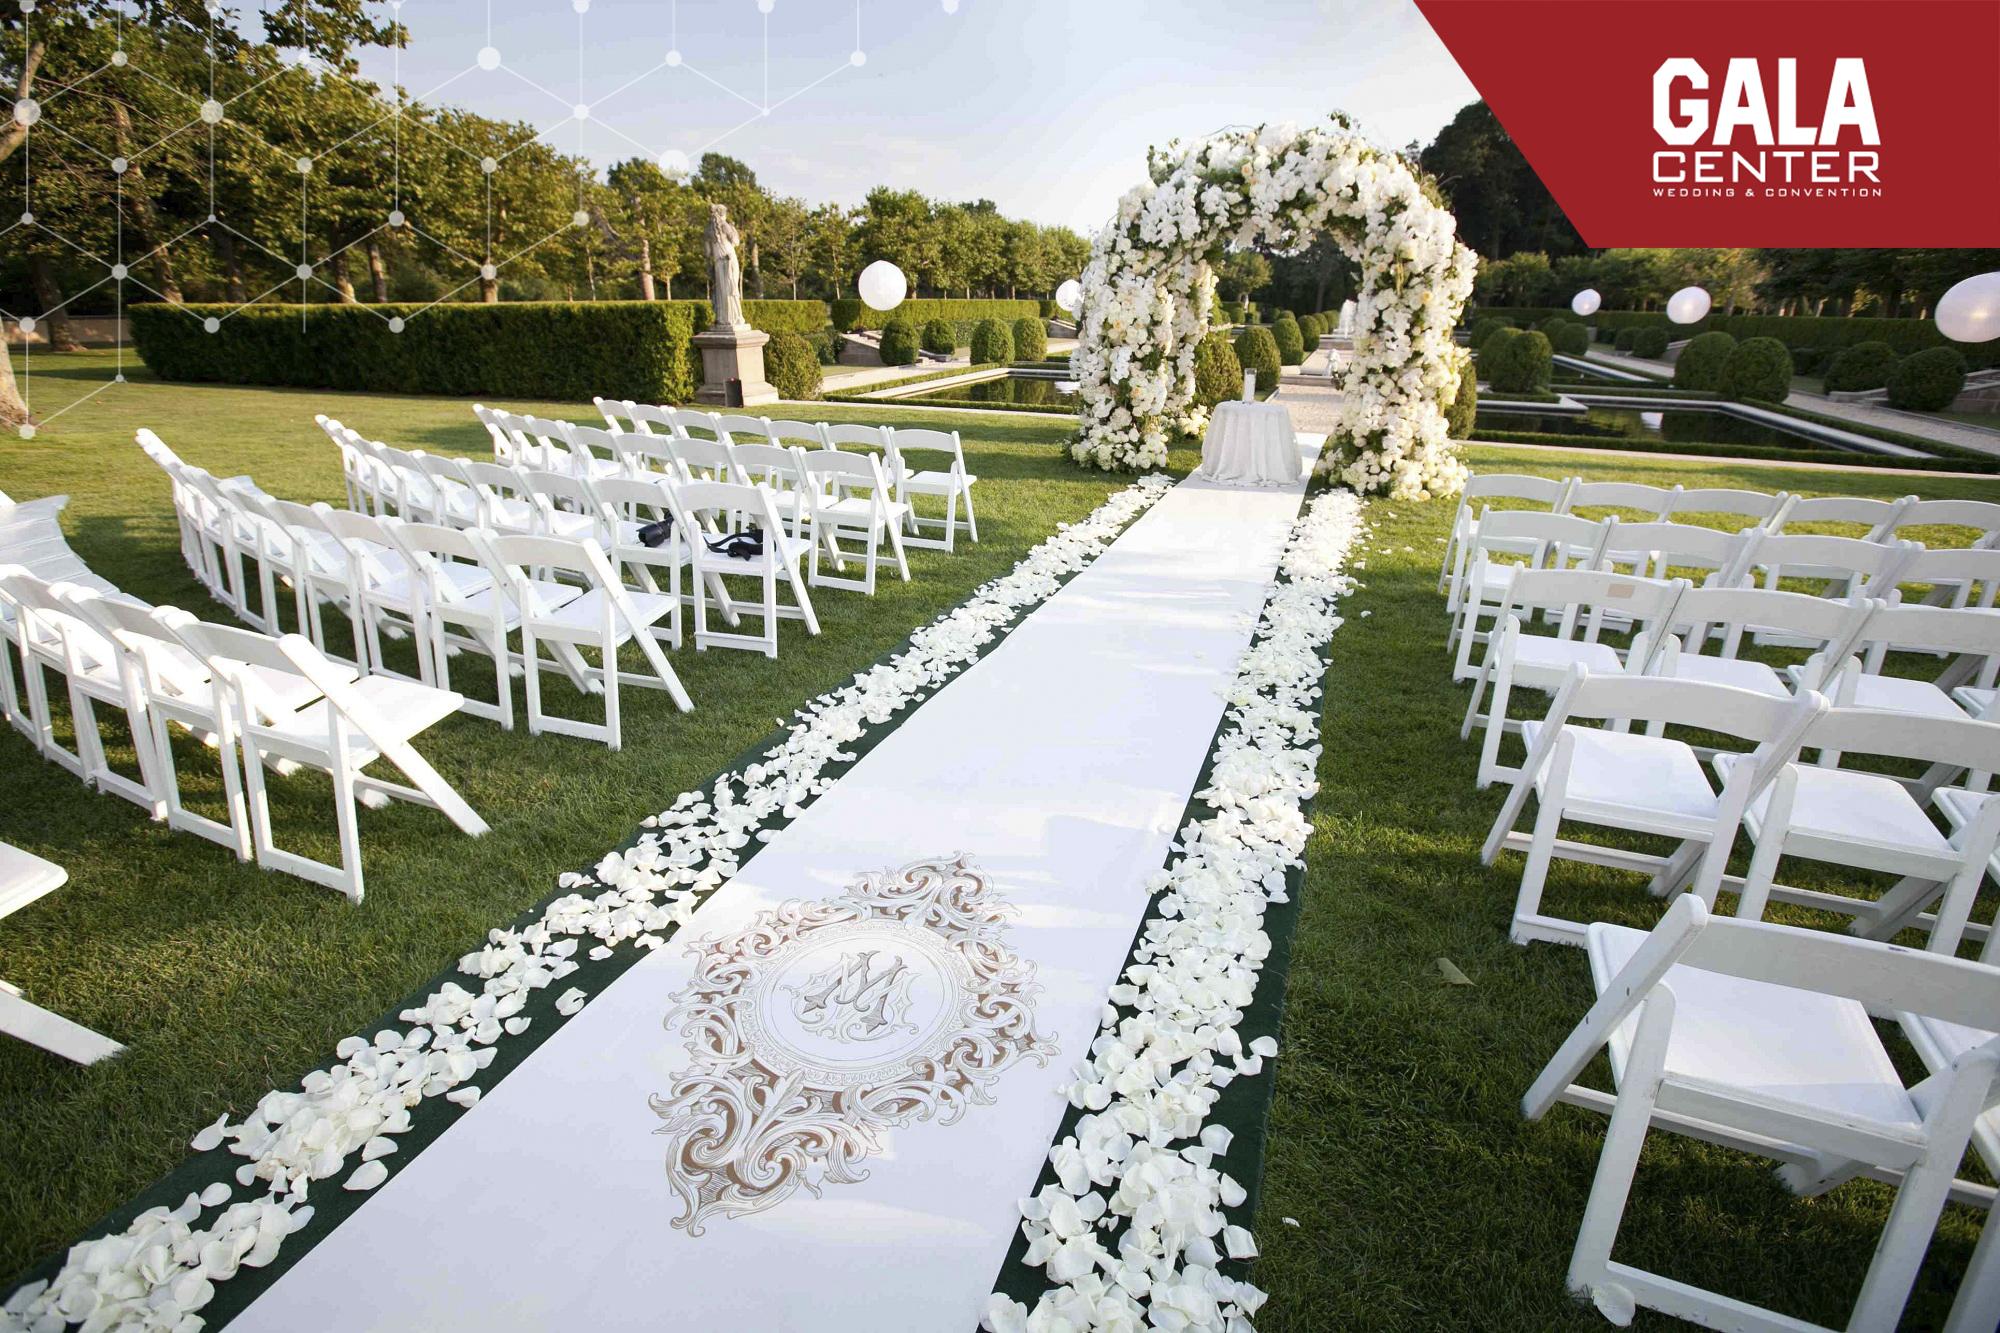 xu hướng tổ chức tiệc cưới ngoài trời